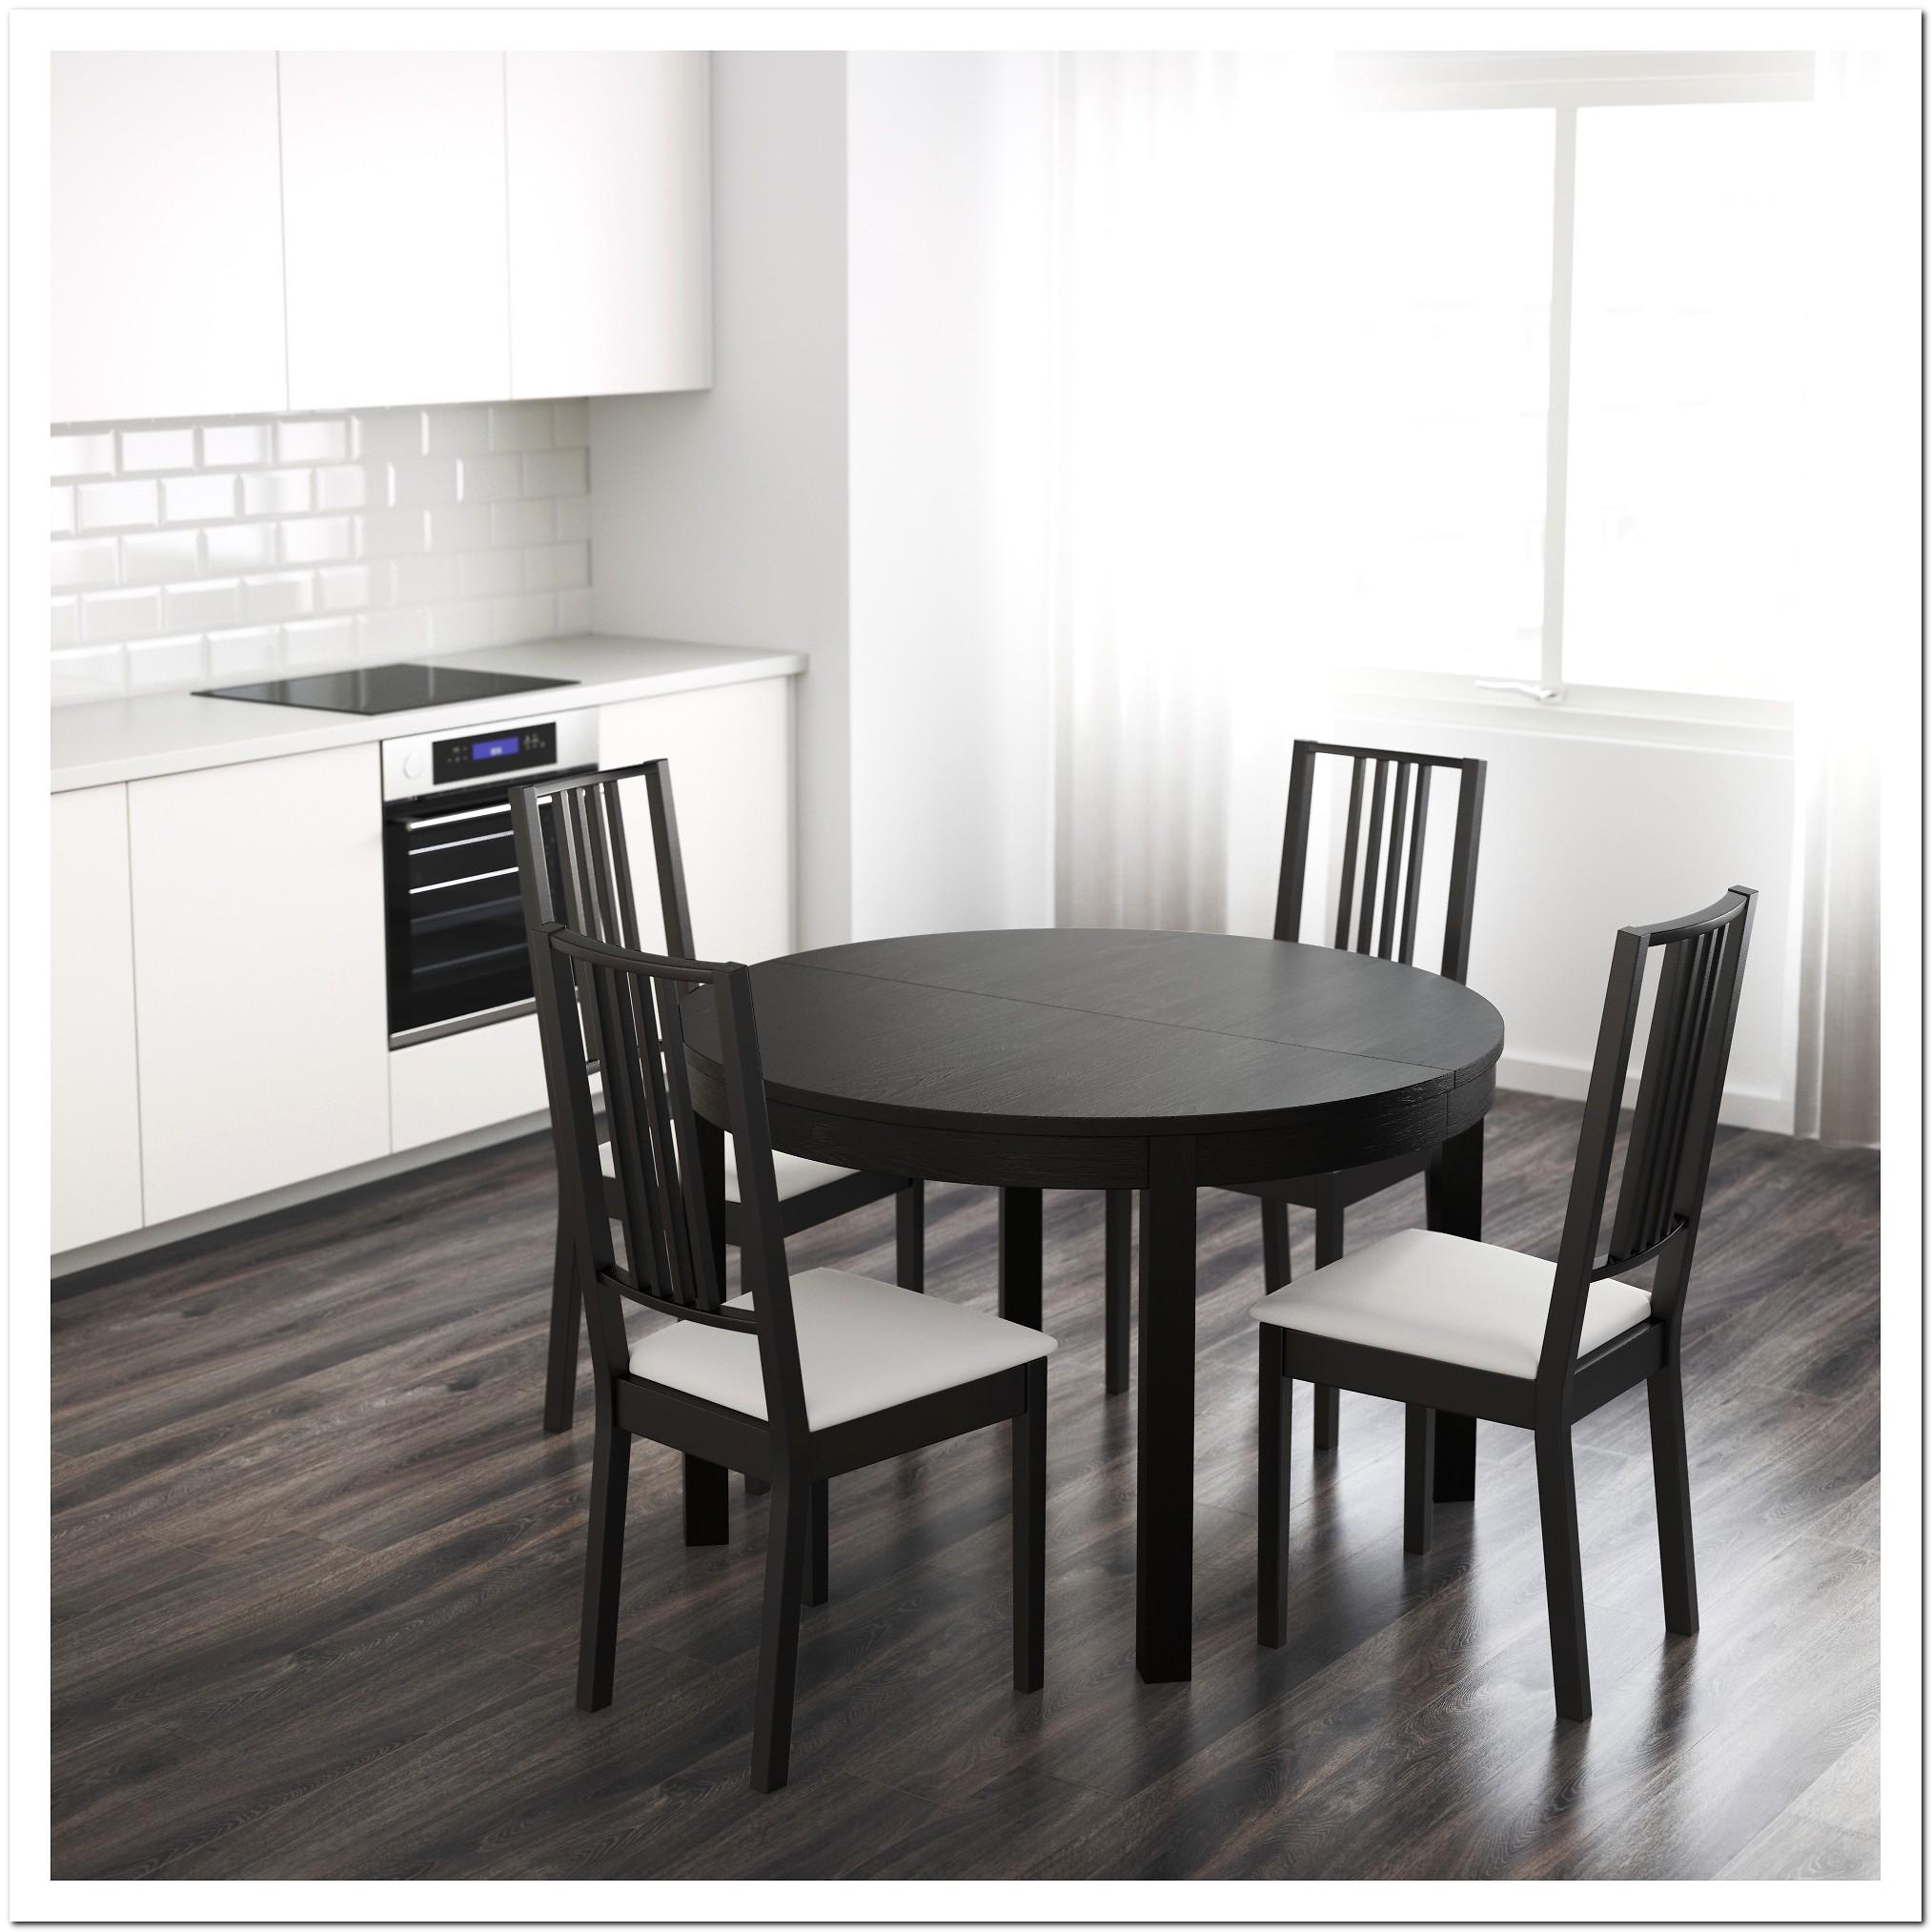 Table Salle A Manger Ikea Bjursta